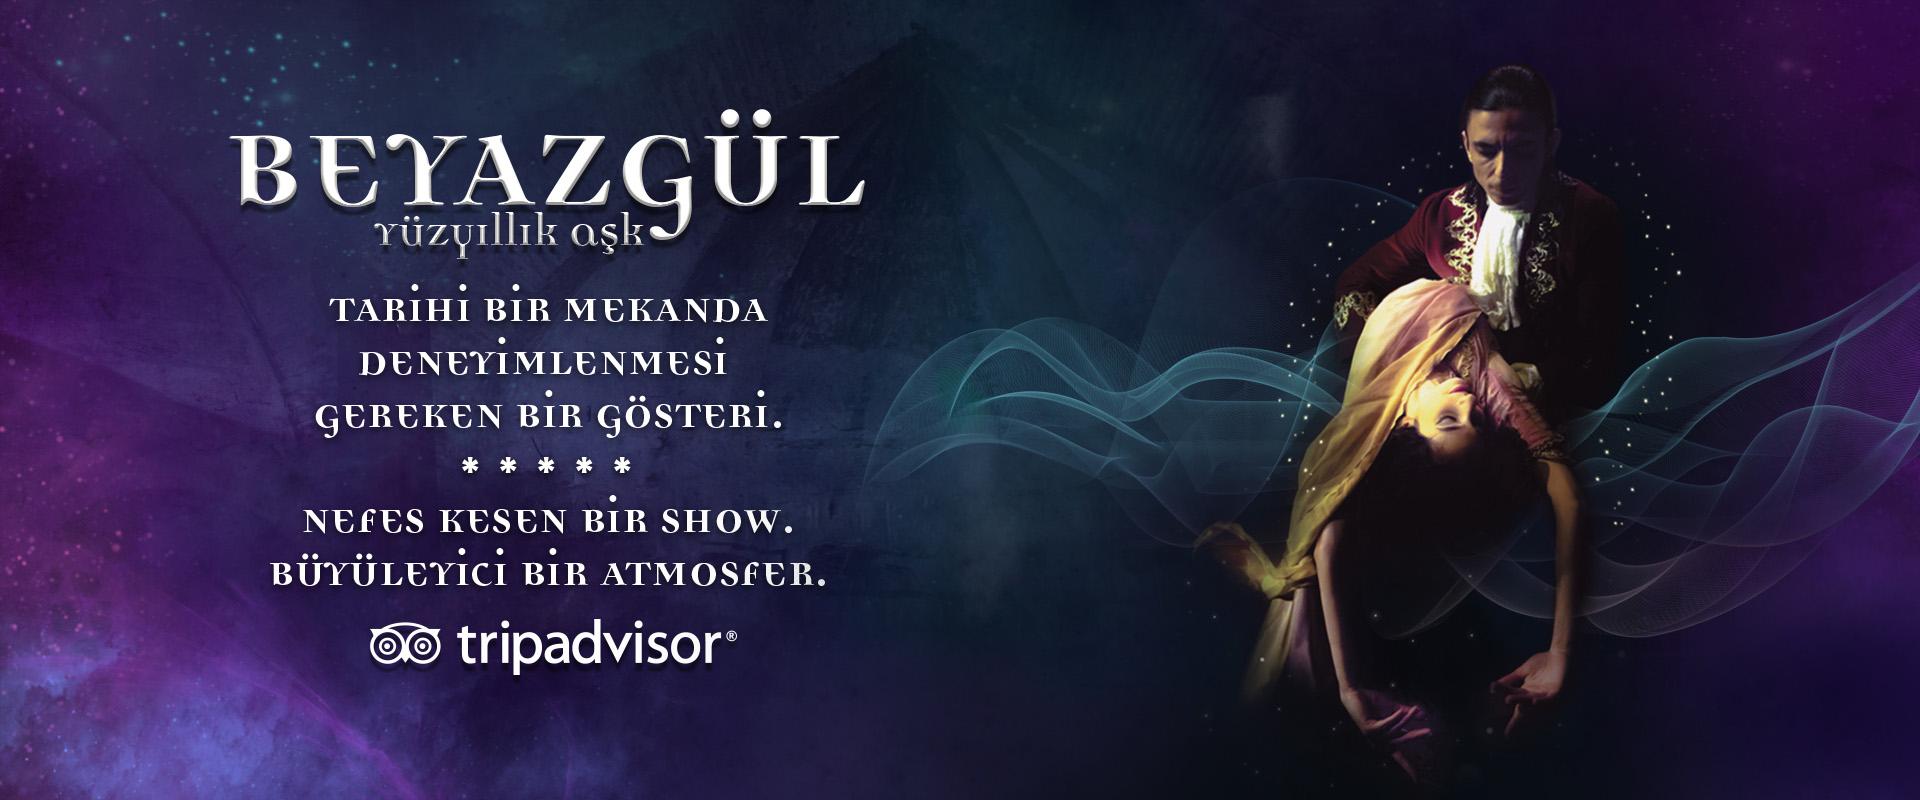 BEYAZGUL-TR-GOSTERI SAYFASI